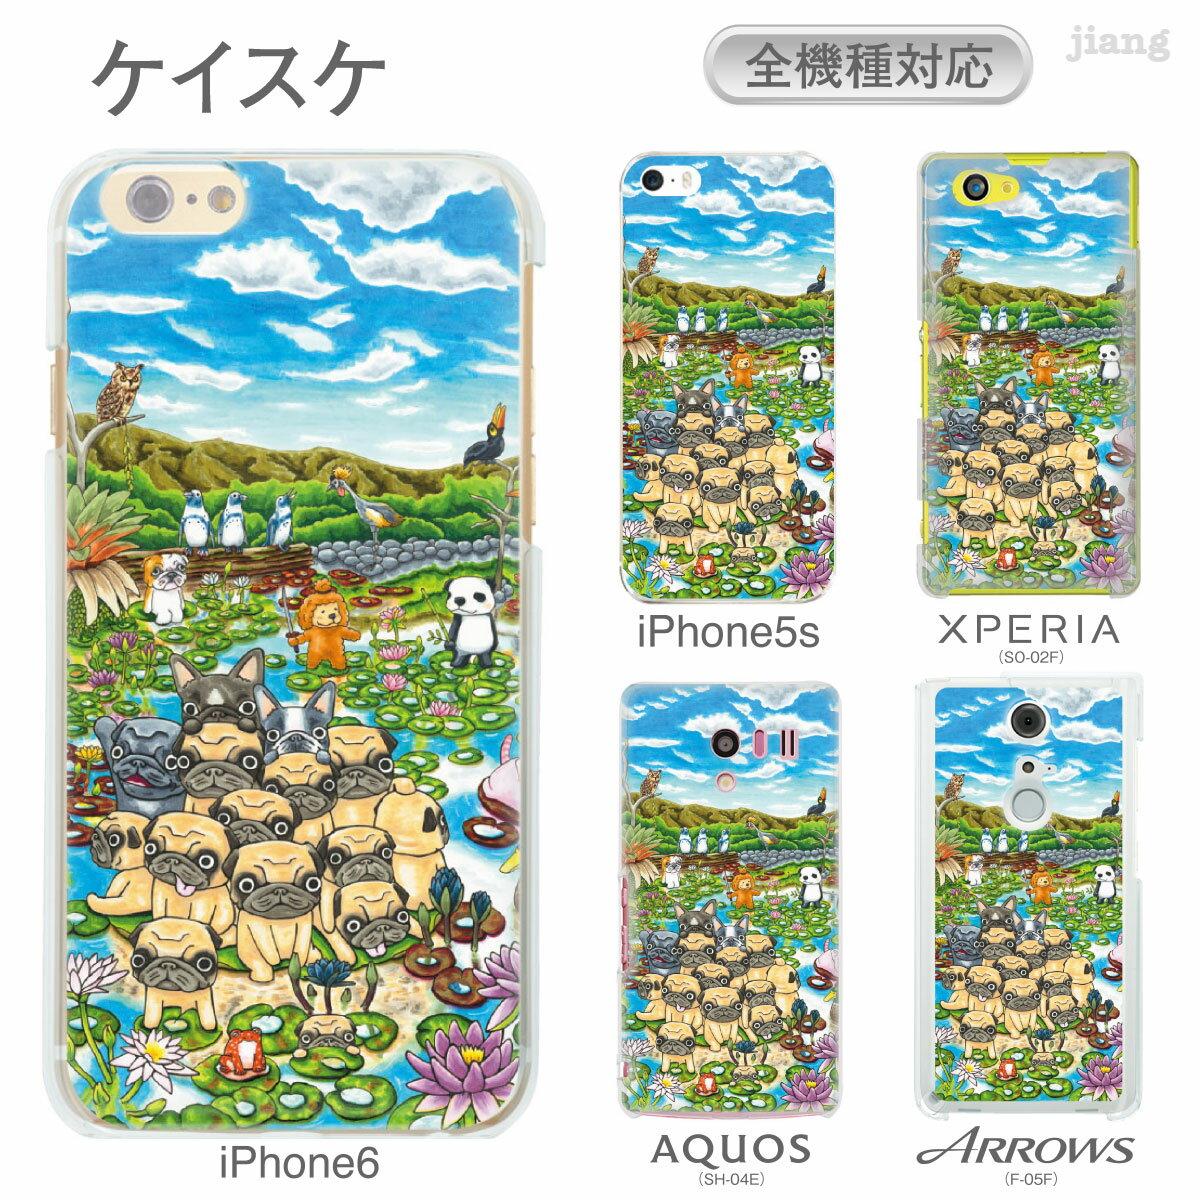 スマホケース 全機種対応 ケース カバー ハードケース クリアケースiPhoneX iPhone8 iPhone7s Plus iPhone7 iPhone6s iPhone6 Plus iPhone SE 5s Xperia XZ1 SO-01K SO-02K XZ so-04j XZs so-03j aquos R SH-01K SHV41 けいすけ パグ 86-zen-ca0004